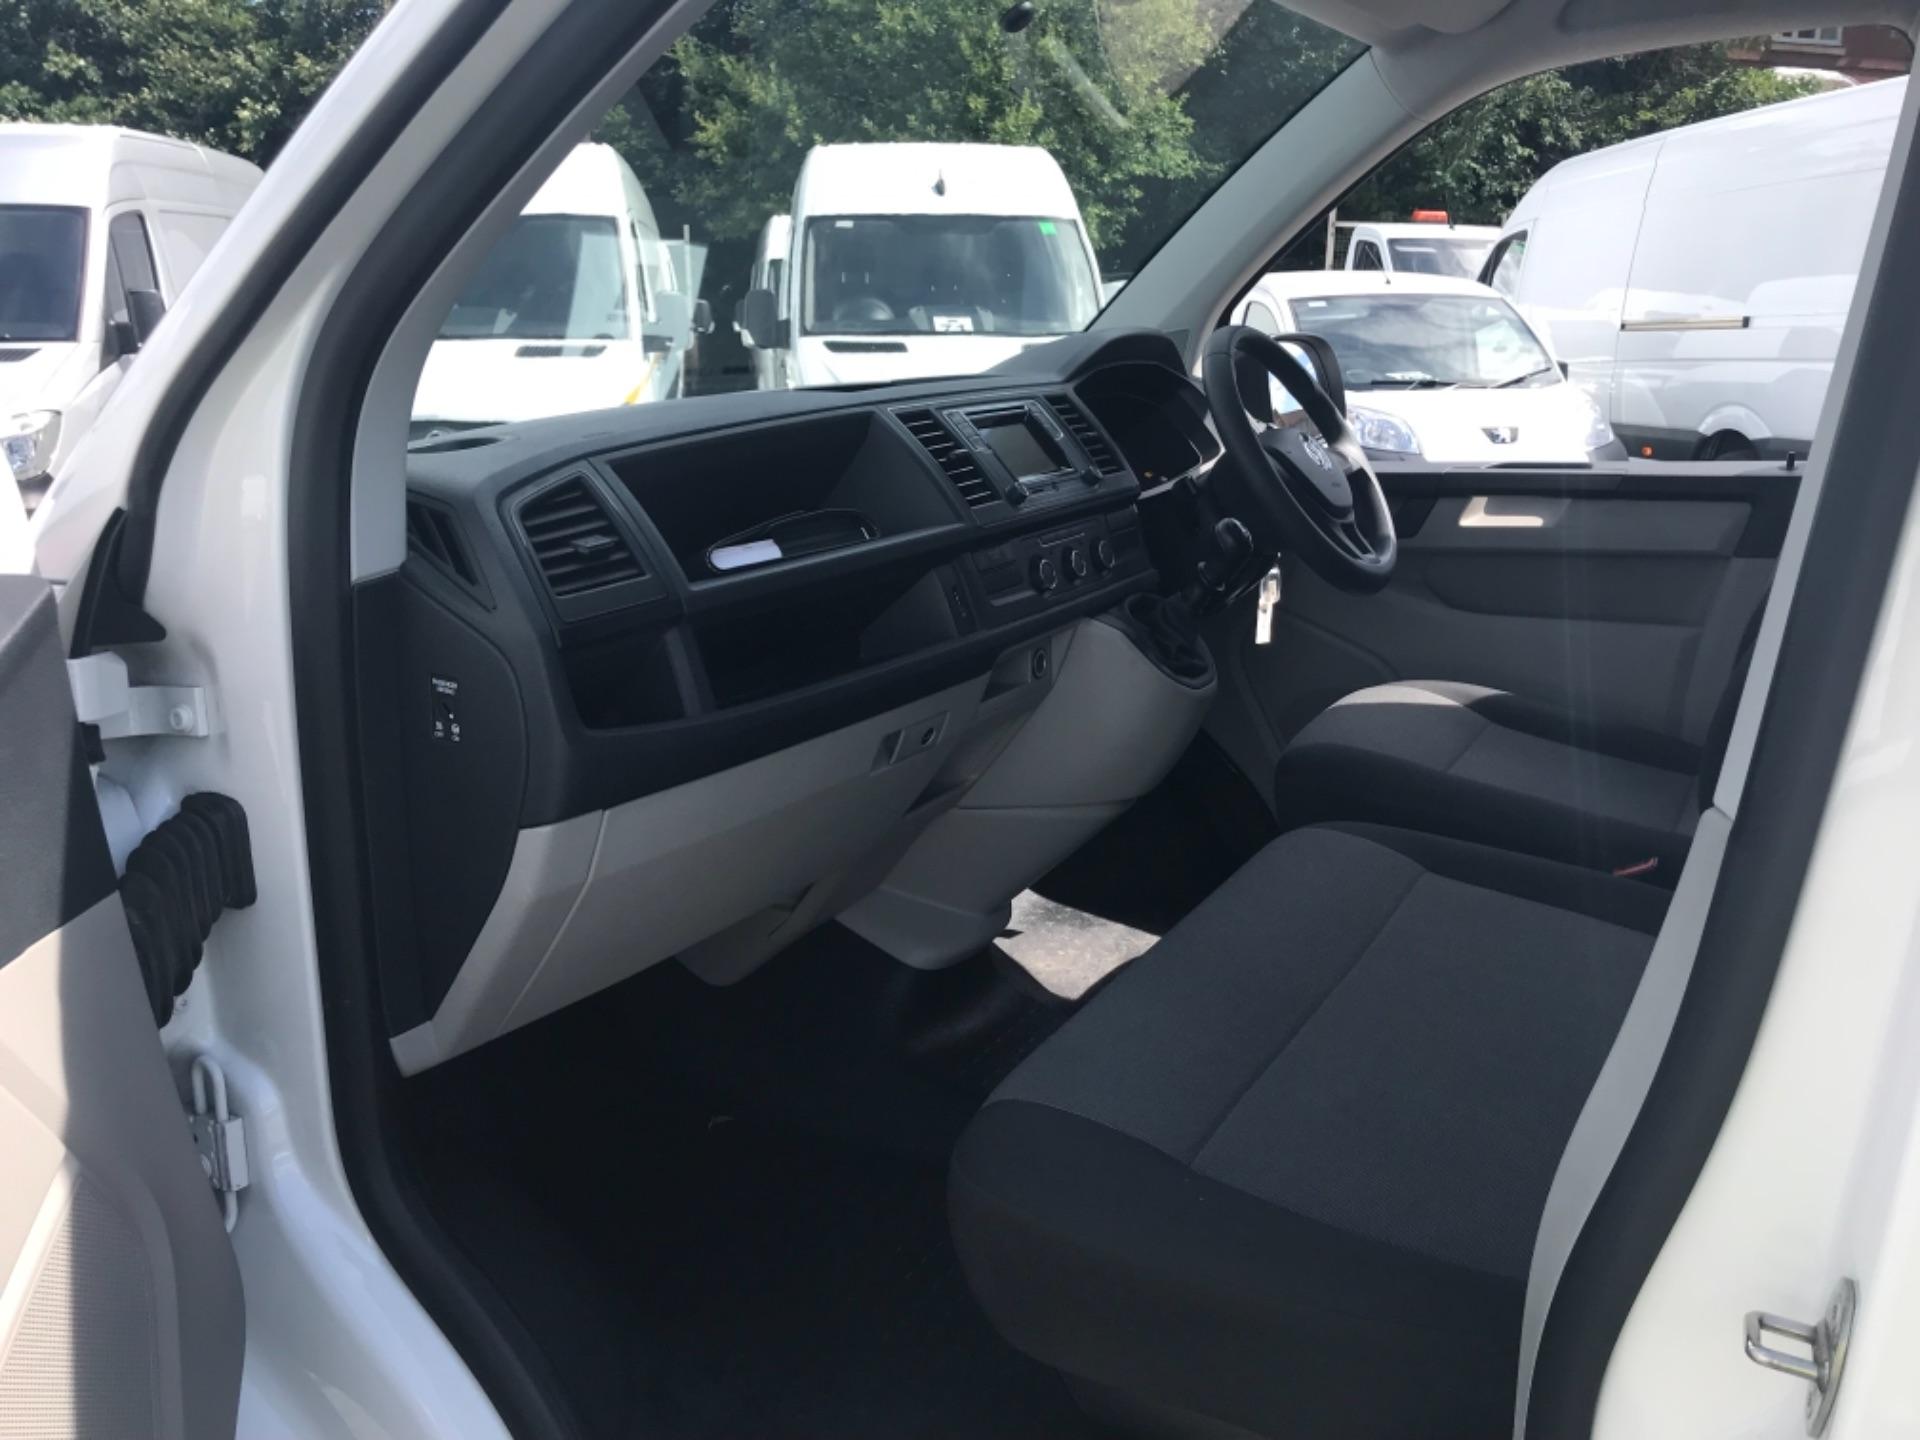 2018 Volkswagen Transporter 2.0 Tdi Bmt 102 Startline Van Euro 6 (GF18RSZ) Image 10